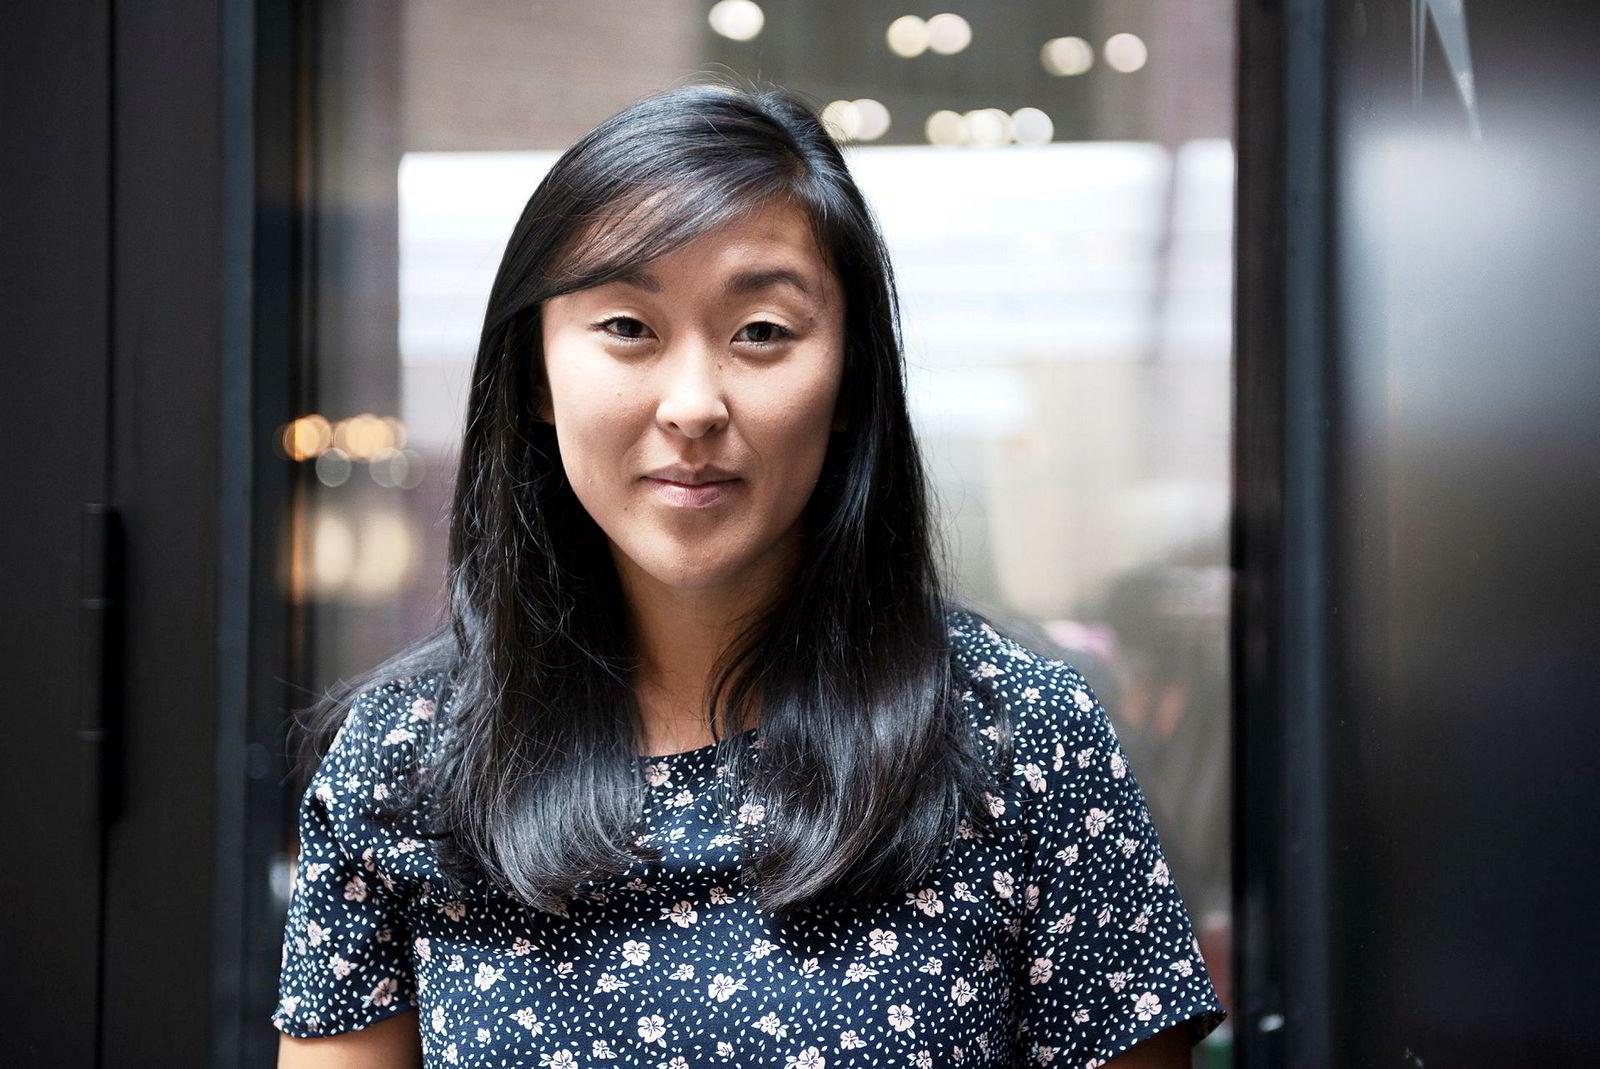 Sandra Klaesson, administrerende direktør i United Influencers, sluttet i jobben i 2014 for å satse på markedsføring gjennom influensere.